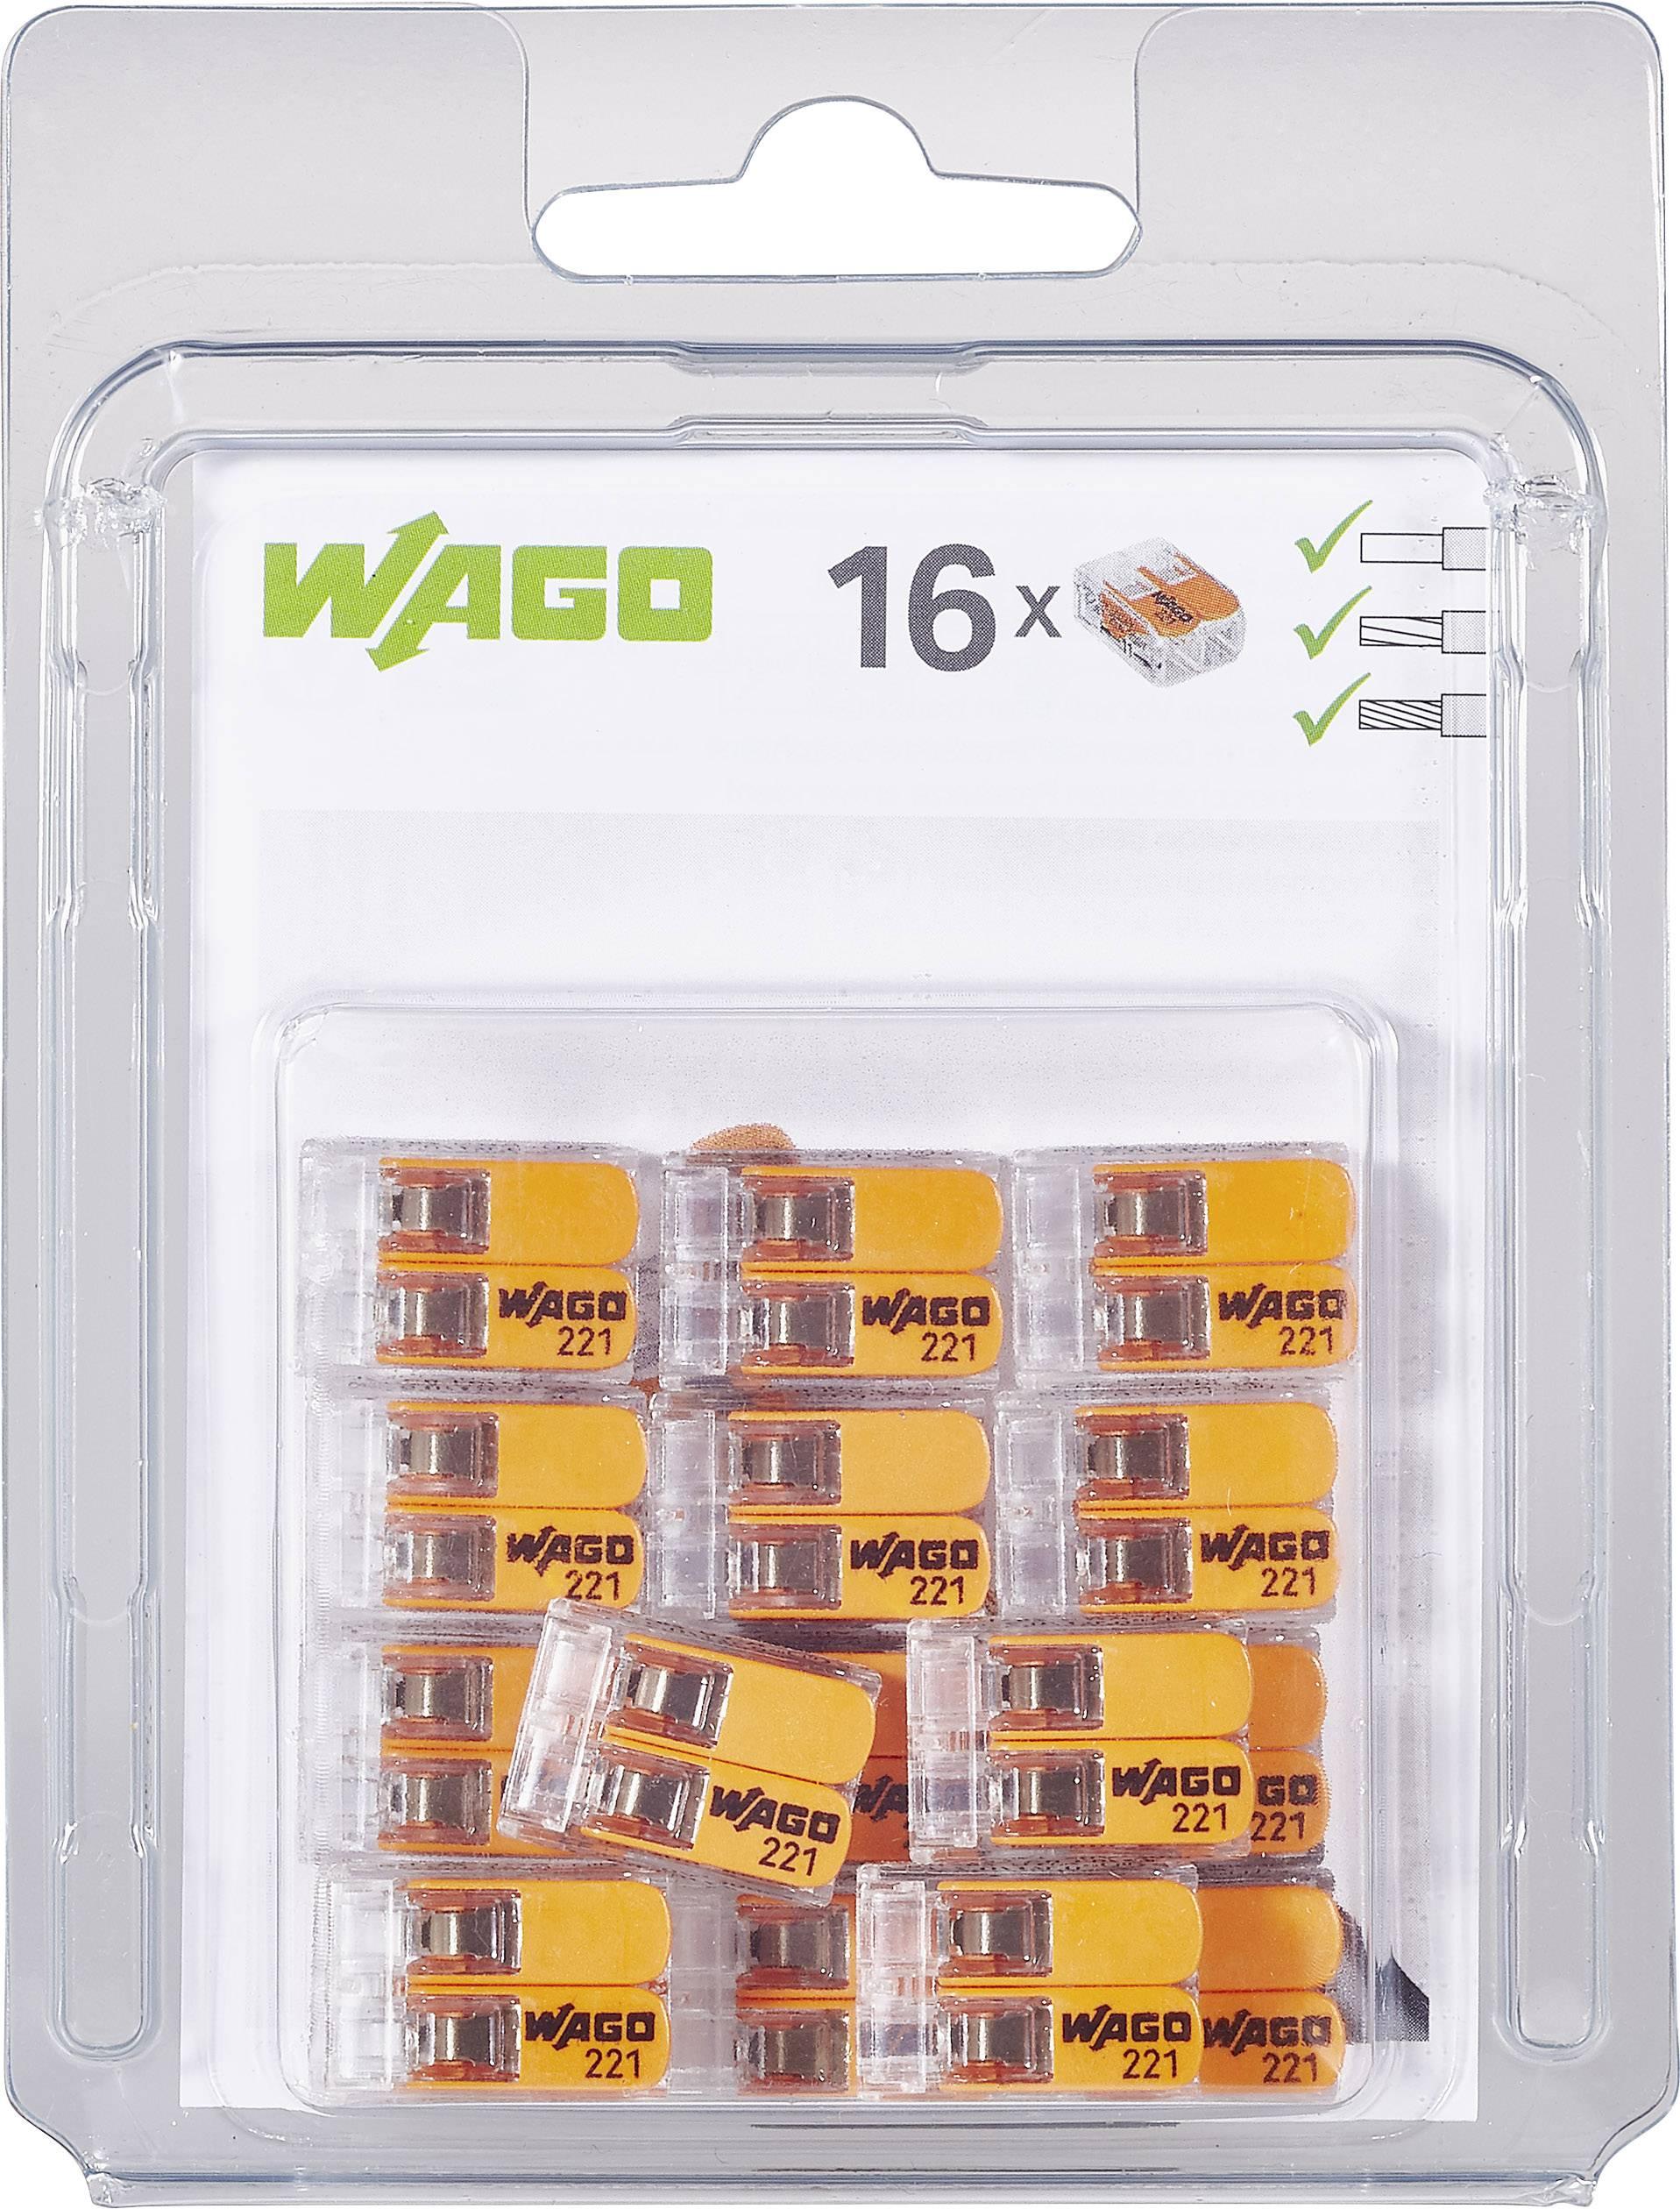 Kabelová svorka WAGO 221-412/996-016 pro kabel o rozměru 0.14-4 mm², pólů 2, 16 ks, transparentní, oranžová